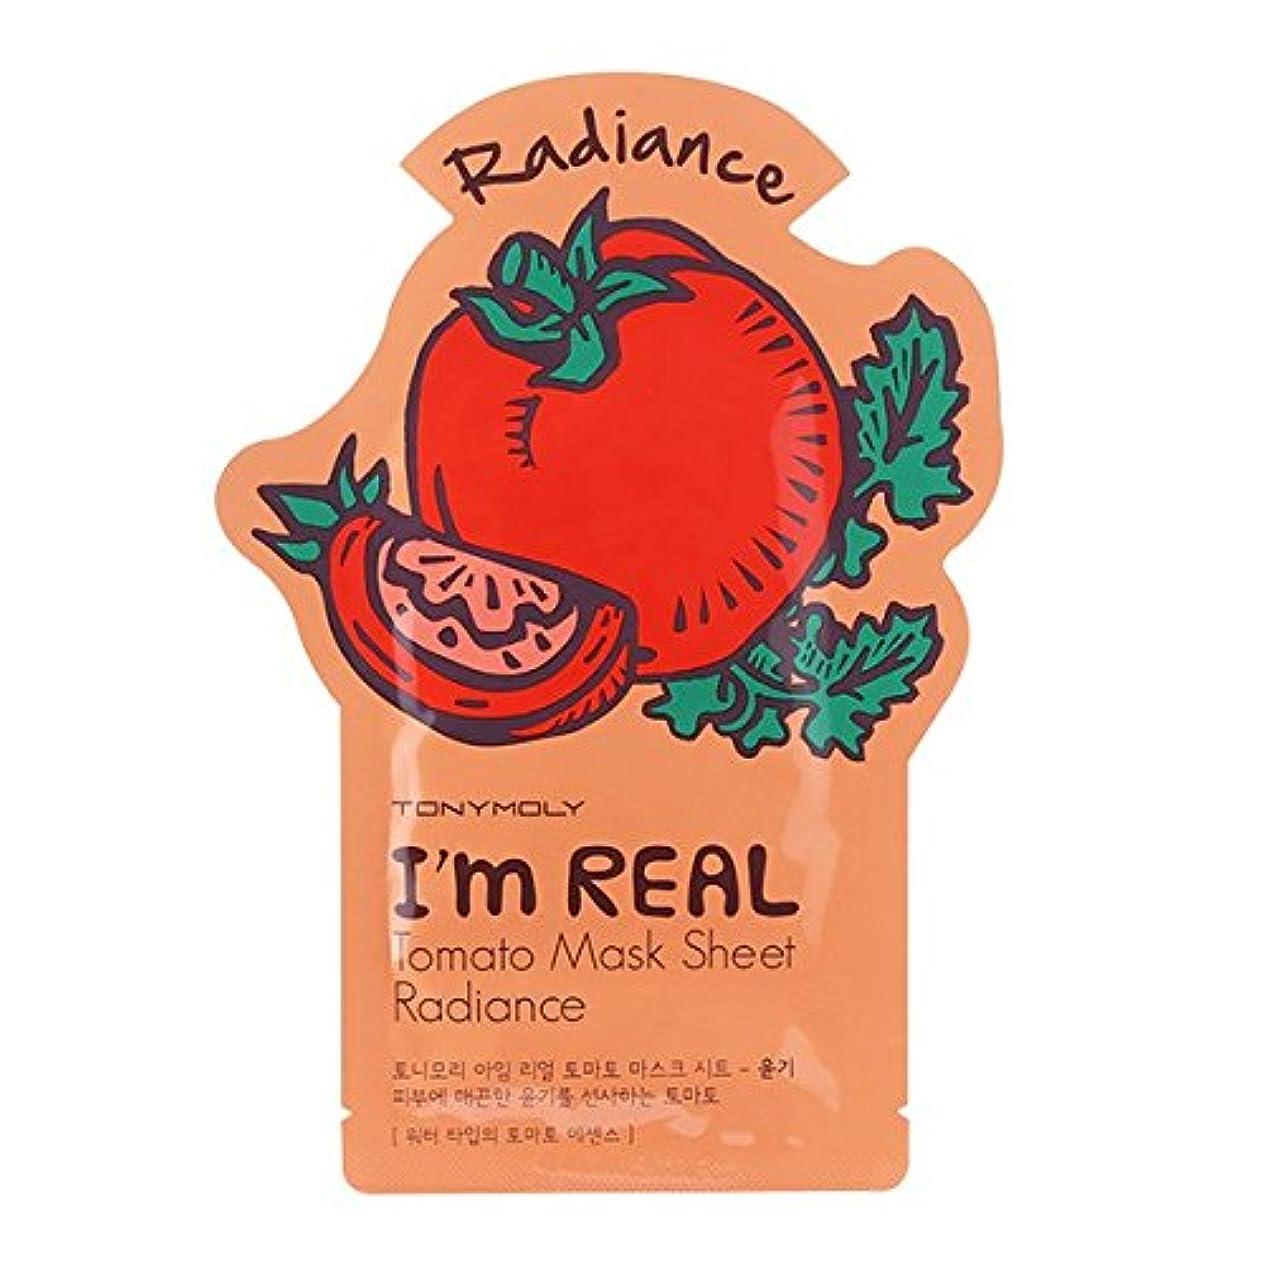 ケント装備する目の前のトニーモリー I'm Real Mask Sheet - Tomato - Radiance 10x21ml/0.71oz